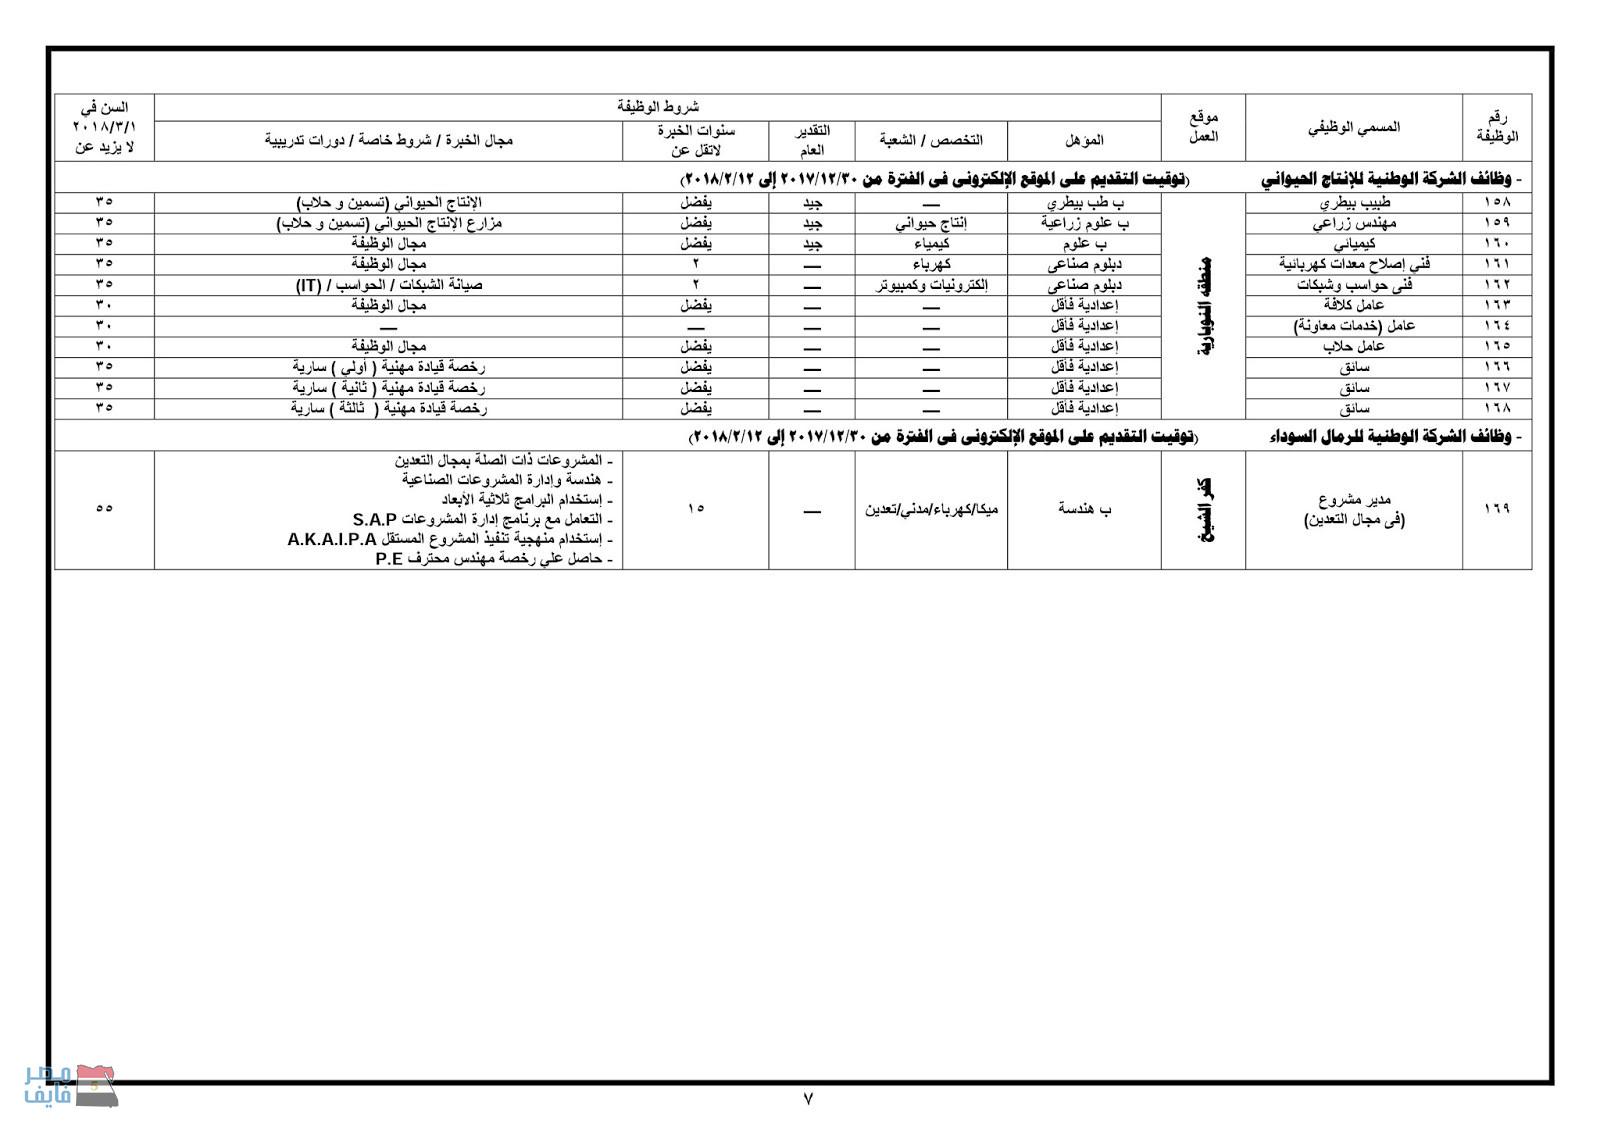 وظائف وزارة الدفاع في عدد من المحافظات لجميع المؤهلات العلمية والتقديم حتى 12 فبراير 7